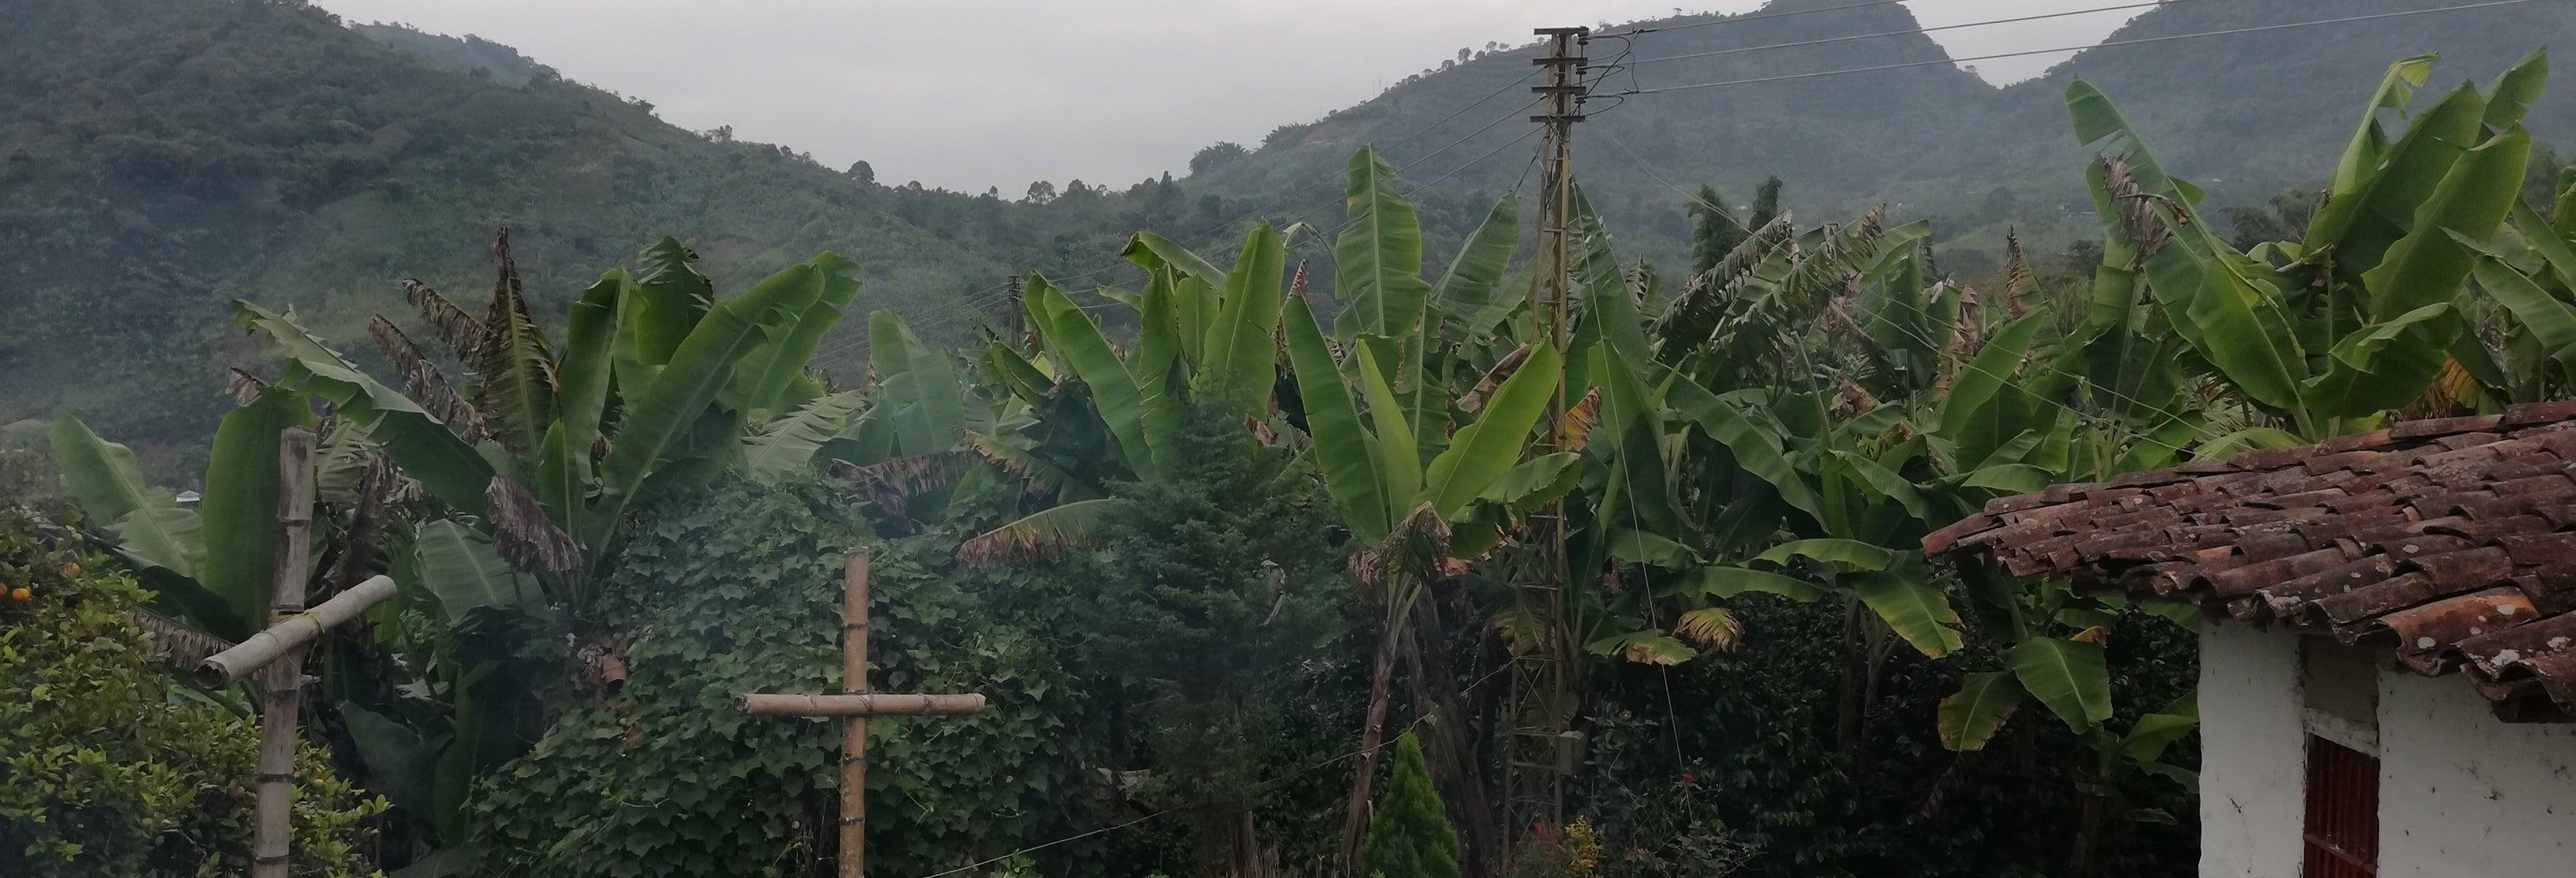 Excursión a Guática y Quinchía